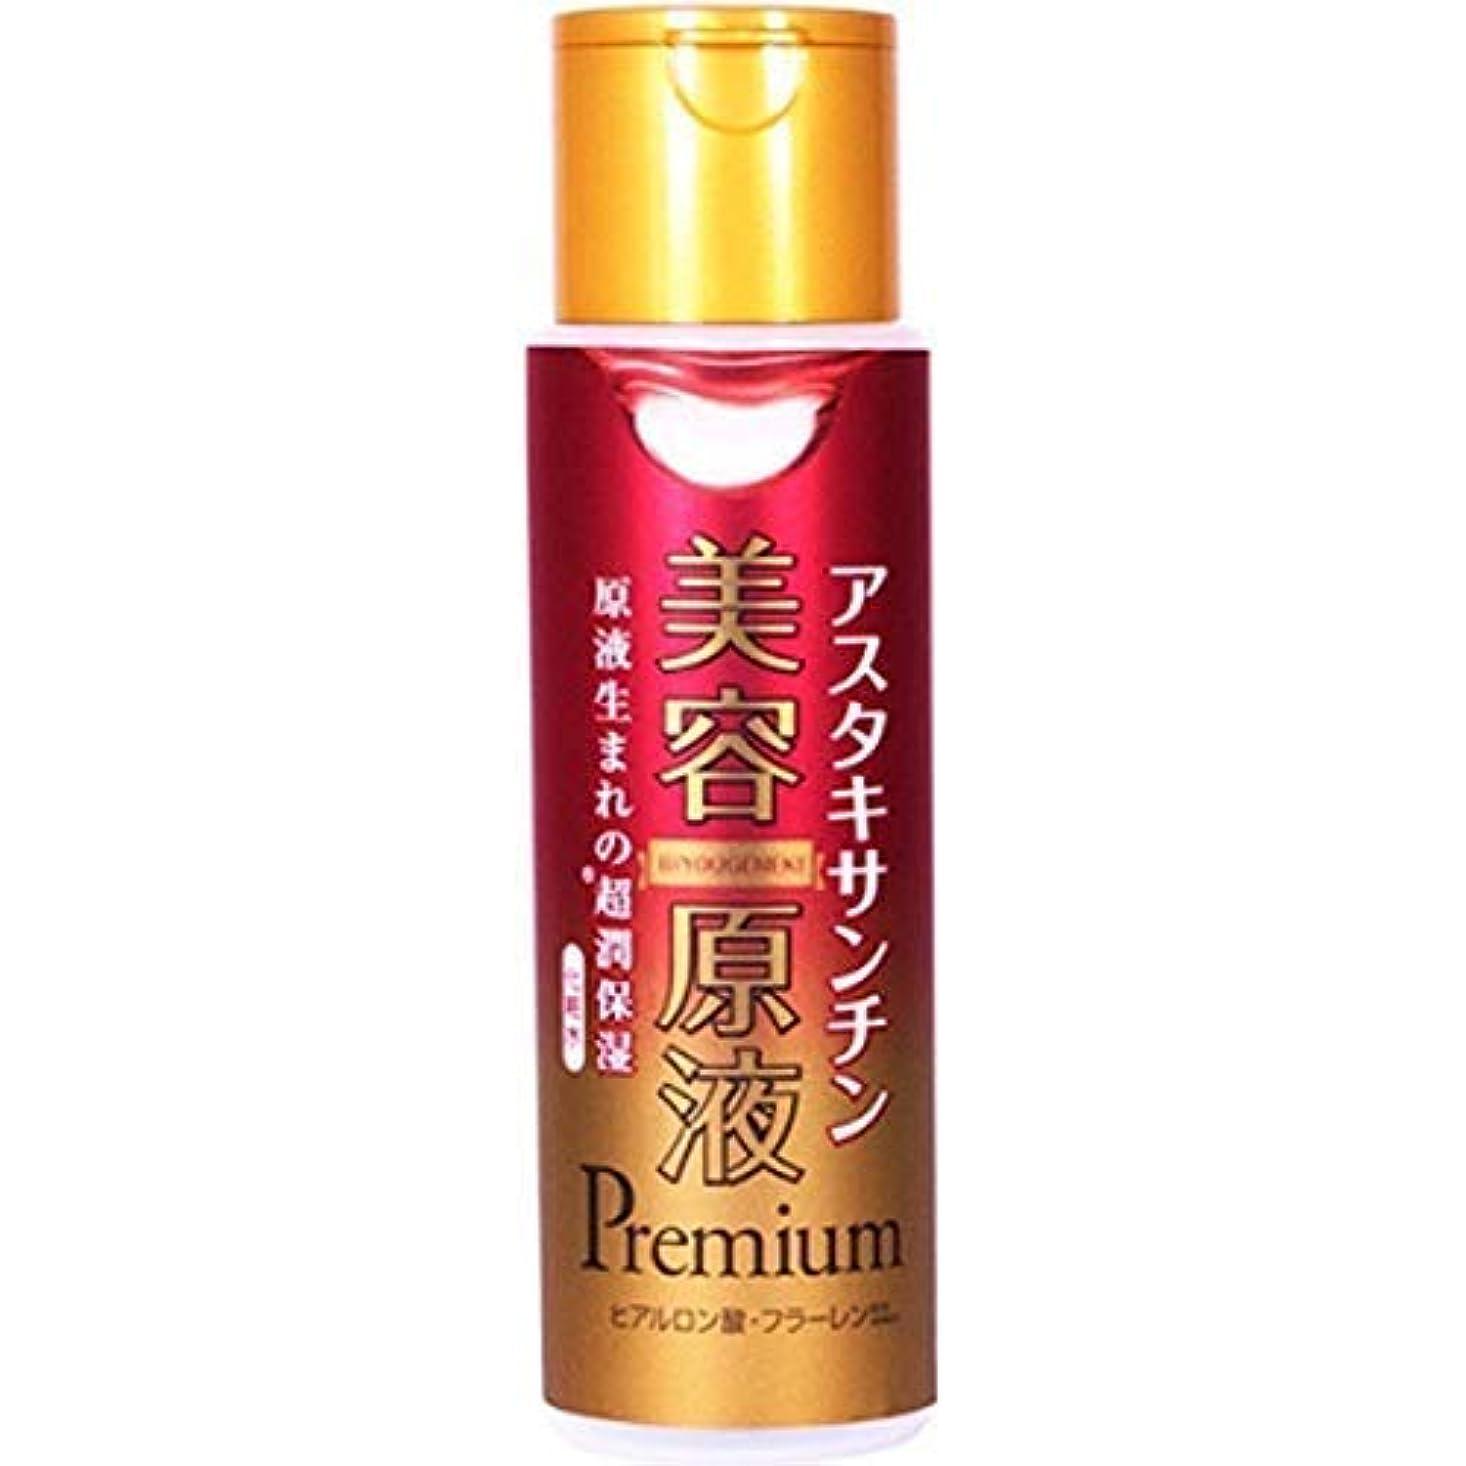 スイフォーマットペインギリック美容原液 超潤化粧水 ヒアルロン酸&アスタキサンチン 185mL (化粧水 エイジングケア 高保湿)